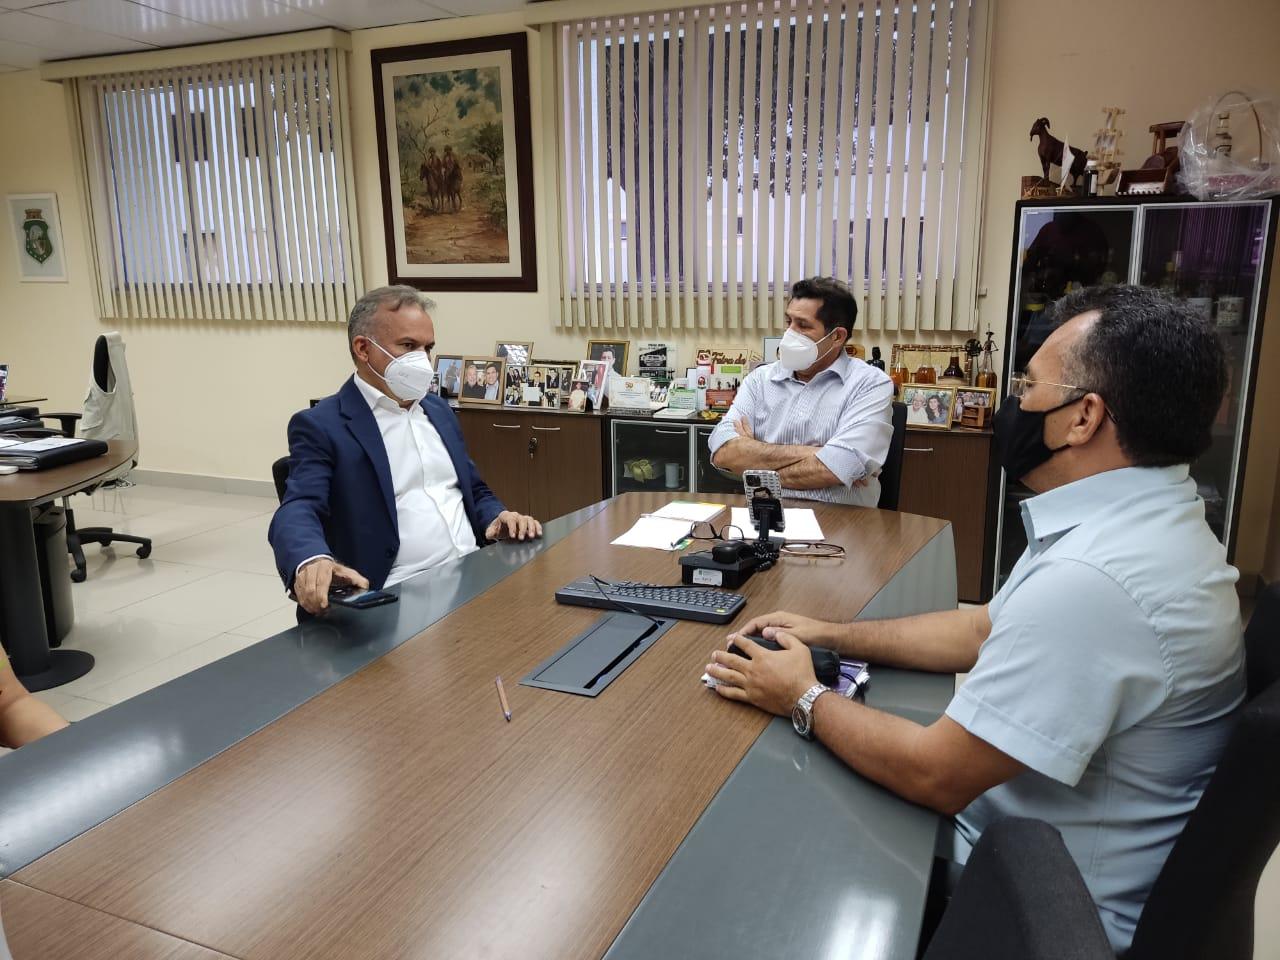 Prefeito e Secretário de Agricultura participam de reunião na SDA para tratar de assuntos relacionados ao desenvolvimento da agricultura no município